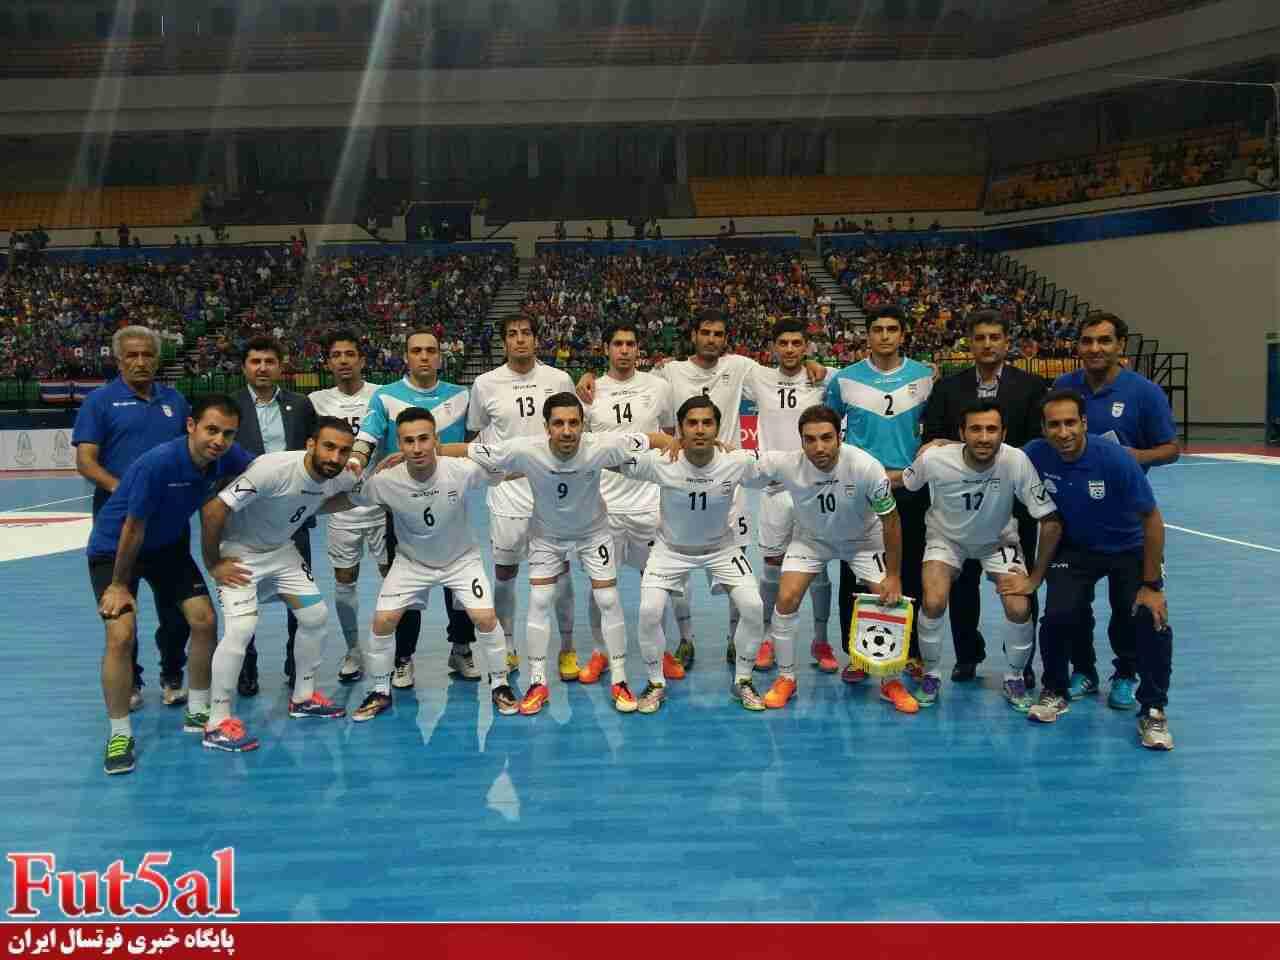 پیروزی پرگل ایران مقابل ژاپن در نیمه اول